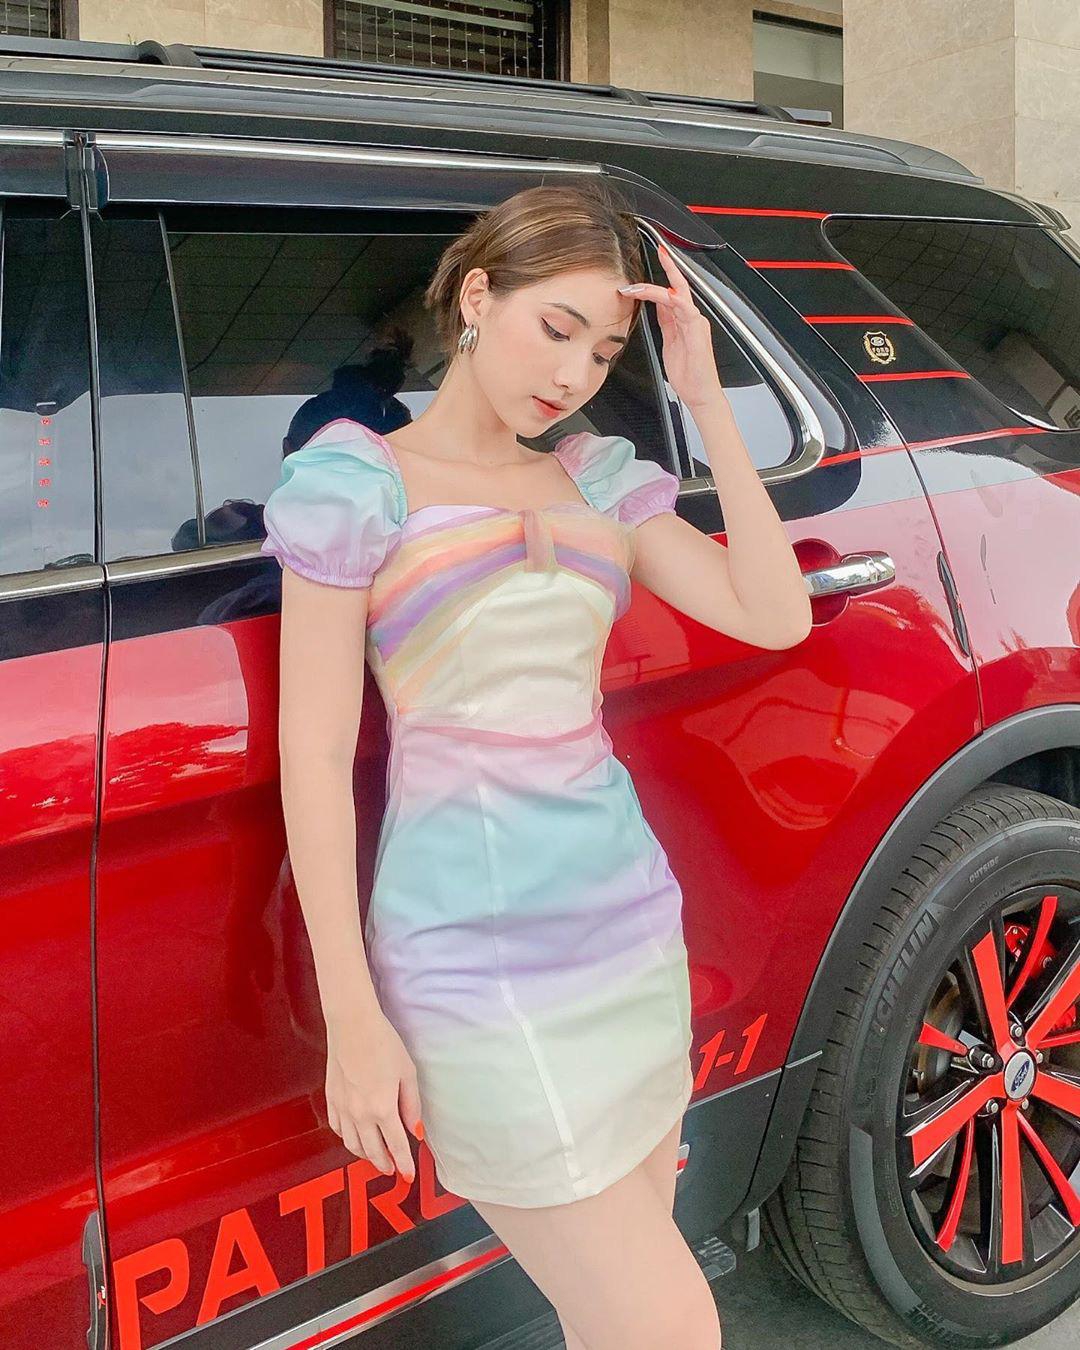 Nhắm trước 11 mẫu váy sau cho dịp 20/10 là chuẩn chỉnh, bộ nào cũng xinh mà giá chỉ từ 200k - Ảnh 6.